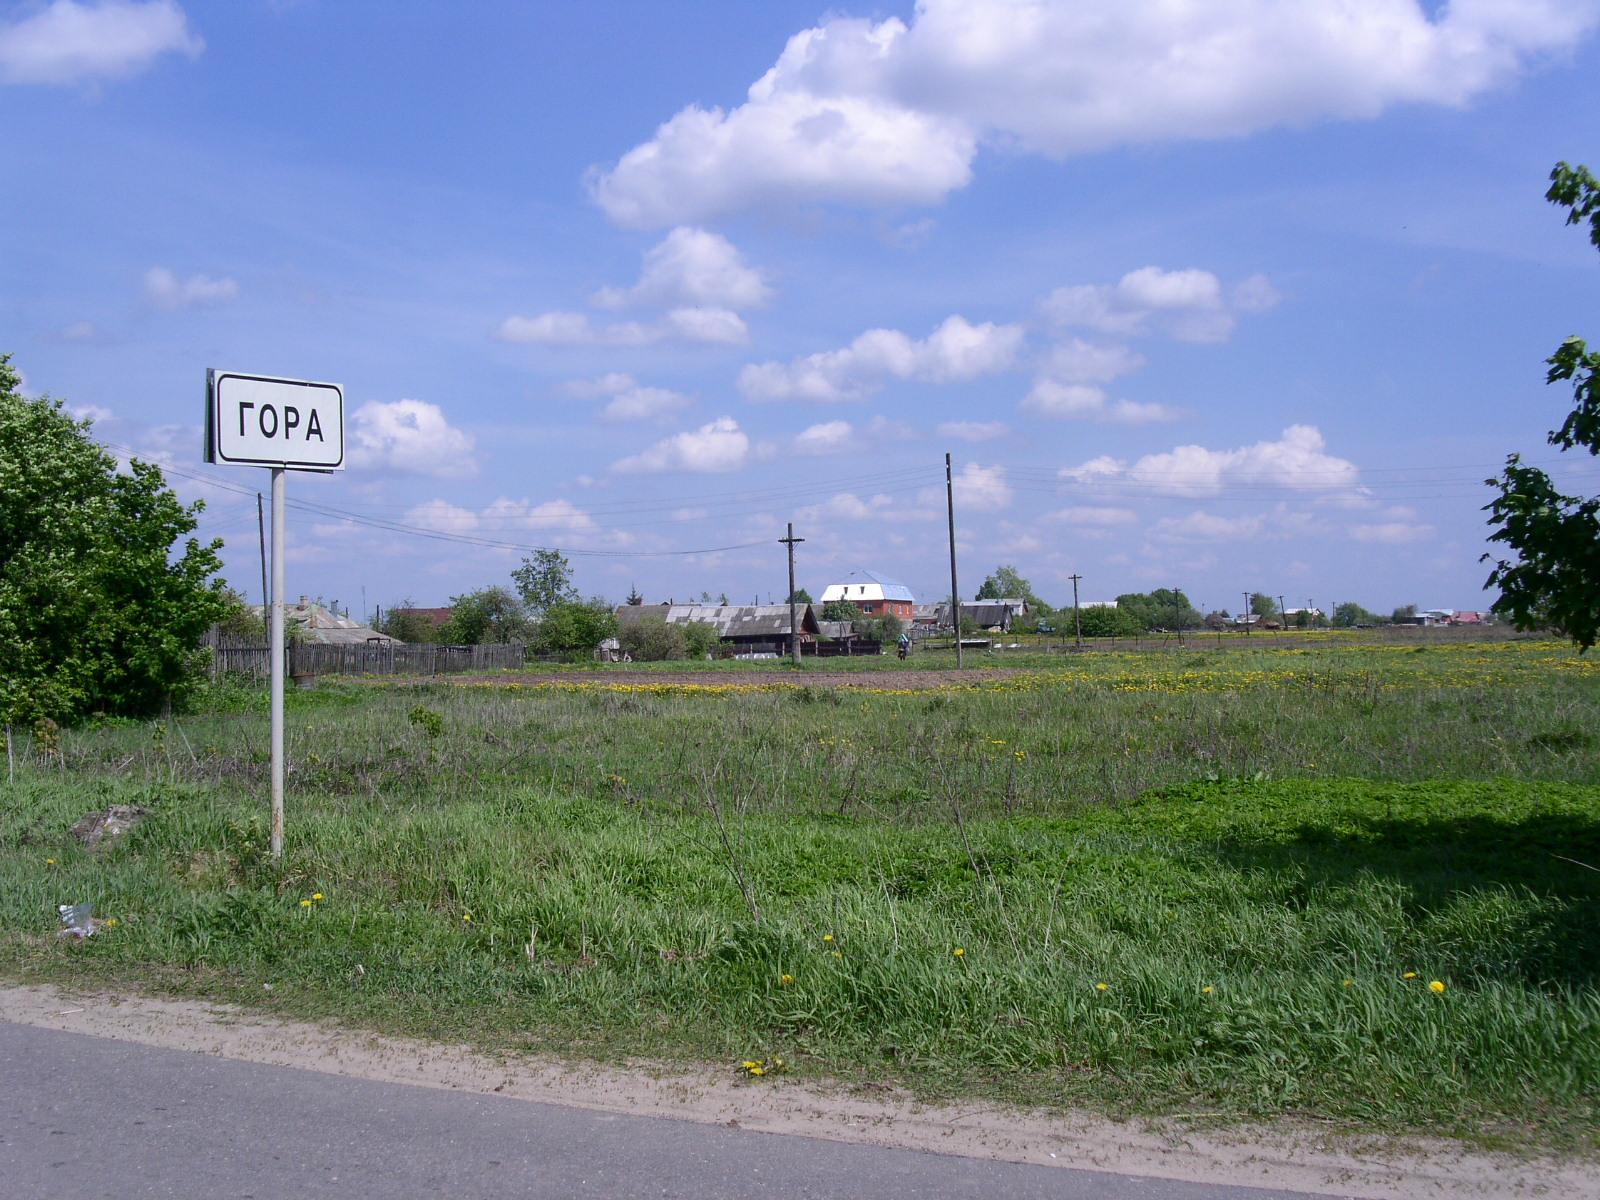 Дорожный указатель деревни Гора, граничащей с Кудыкино